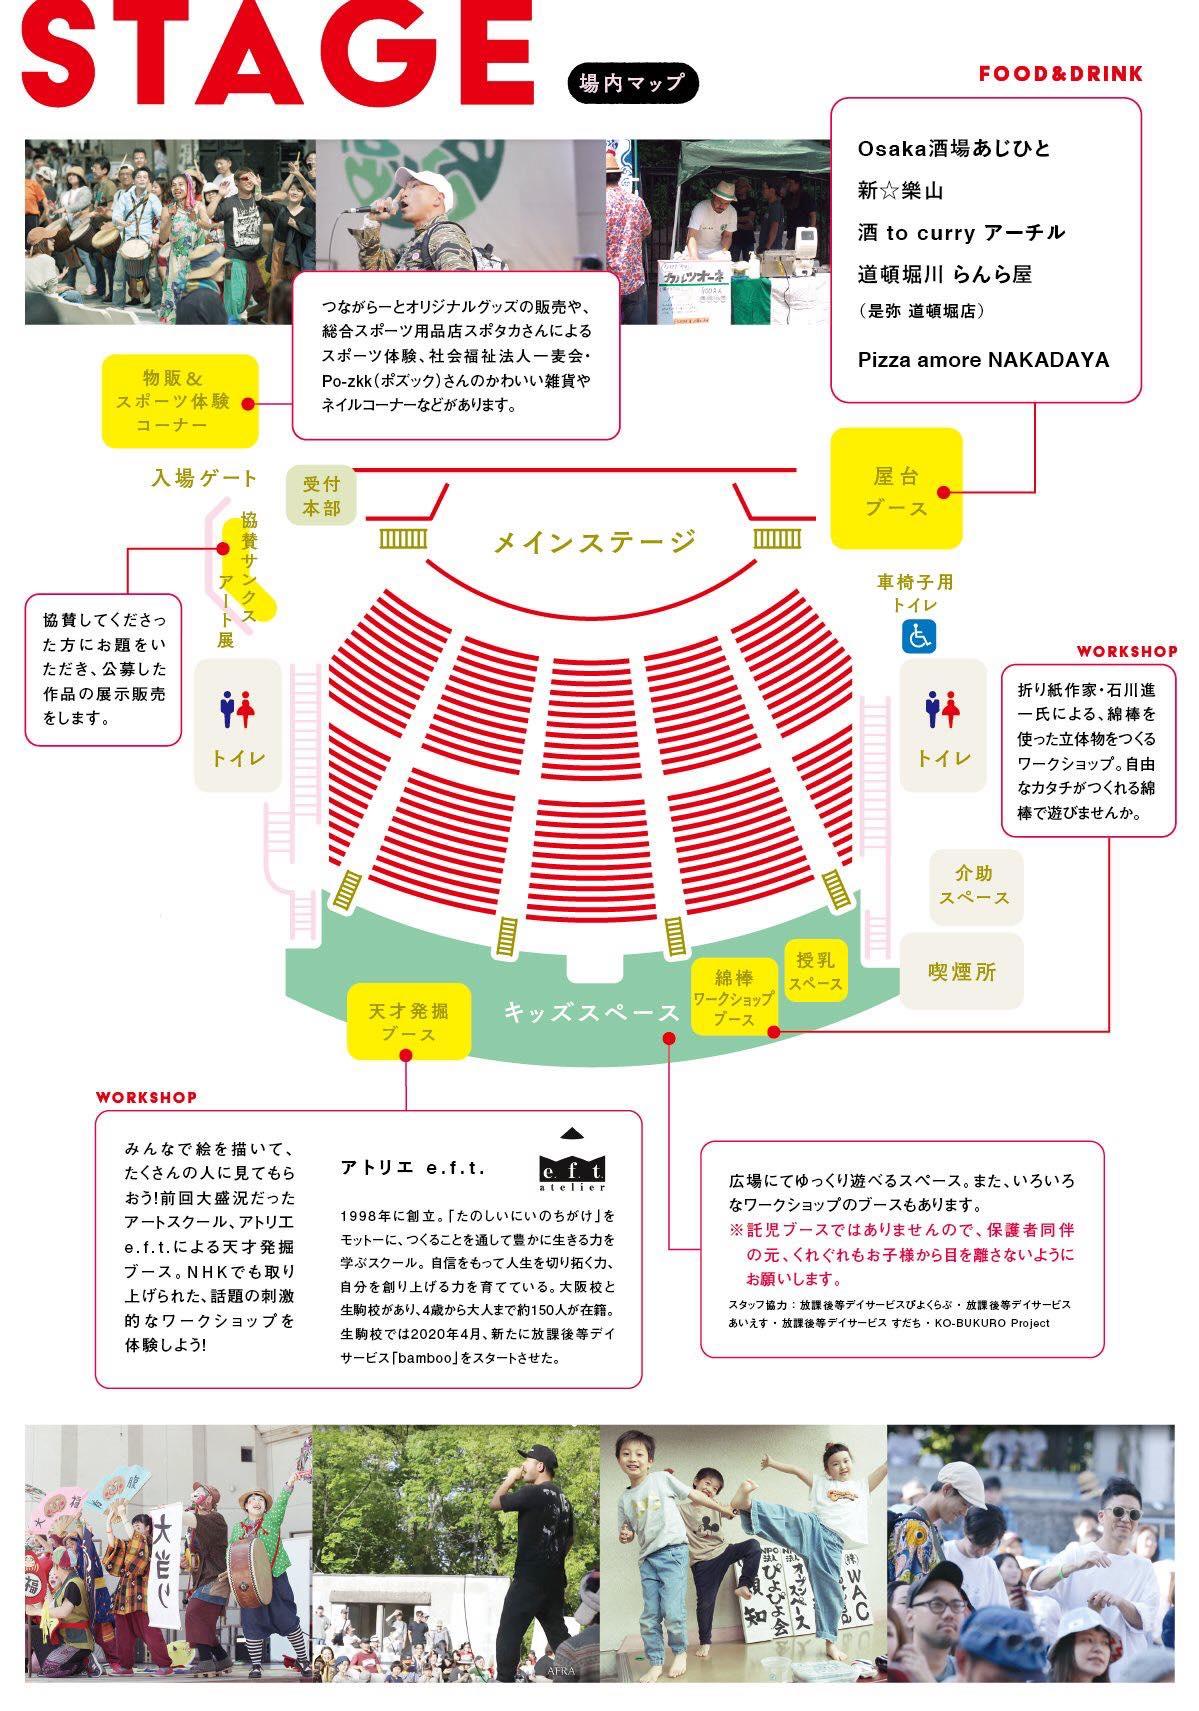 つながらーと2020|2020.5.23・24 大阪城音楽堂(大阪市中央区)